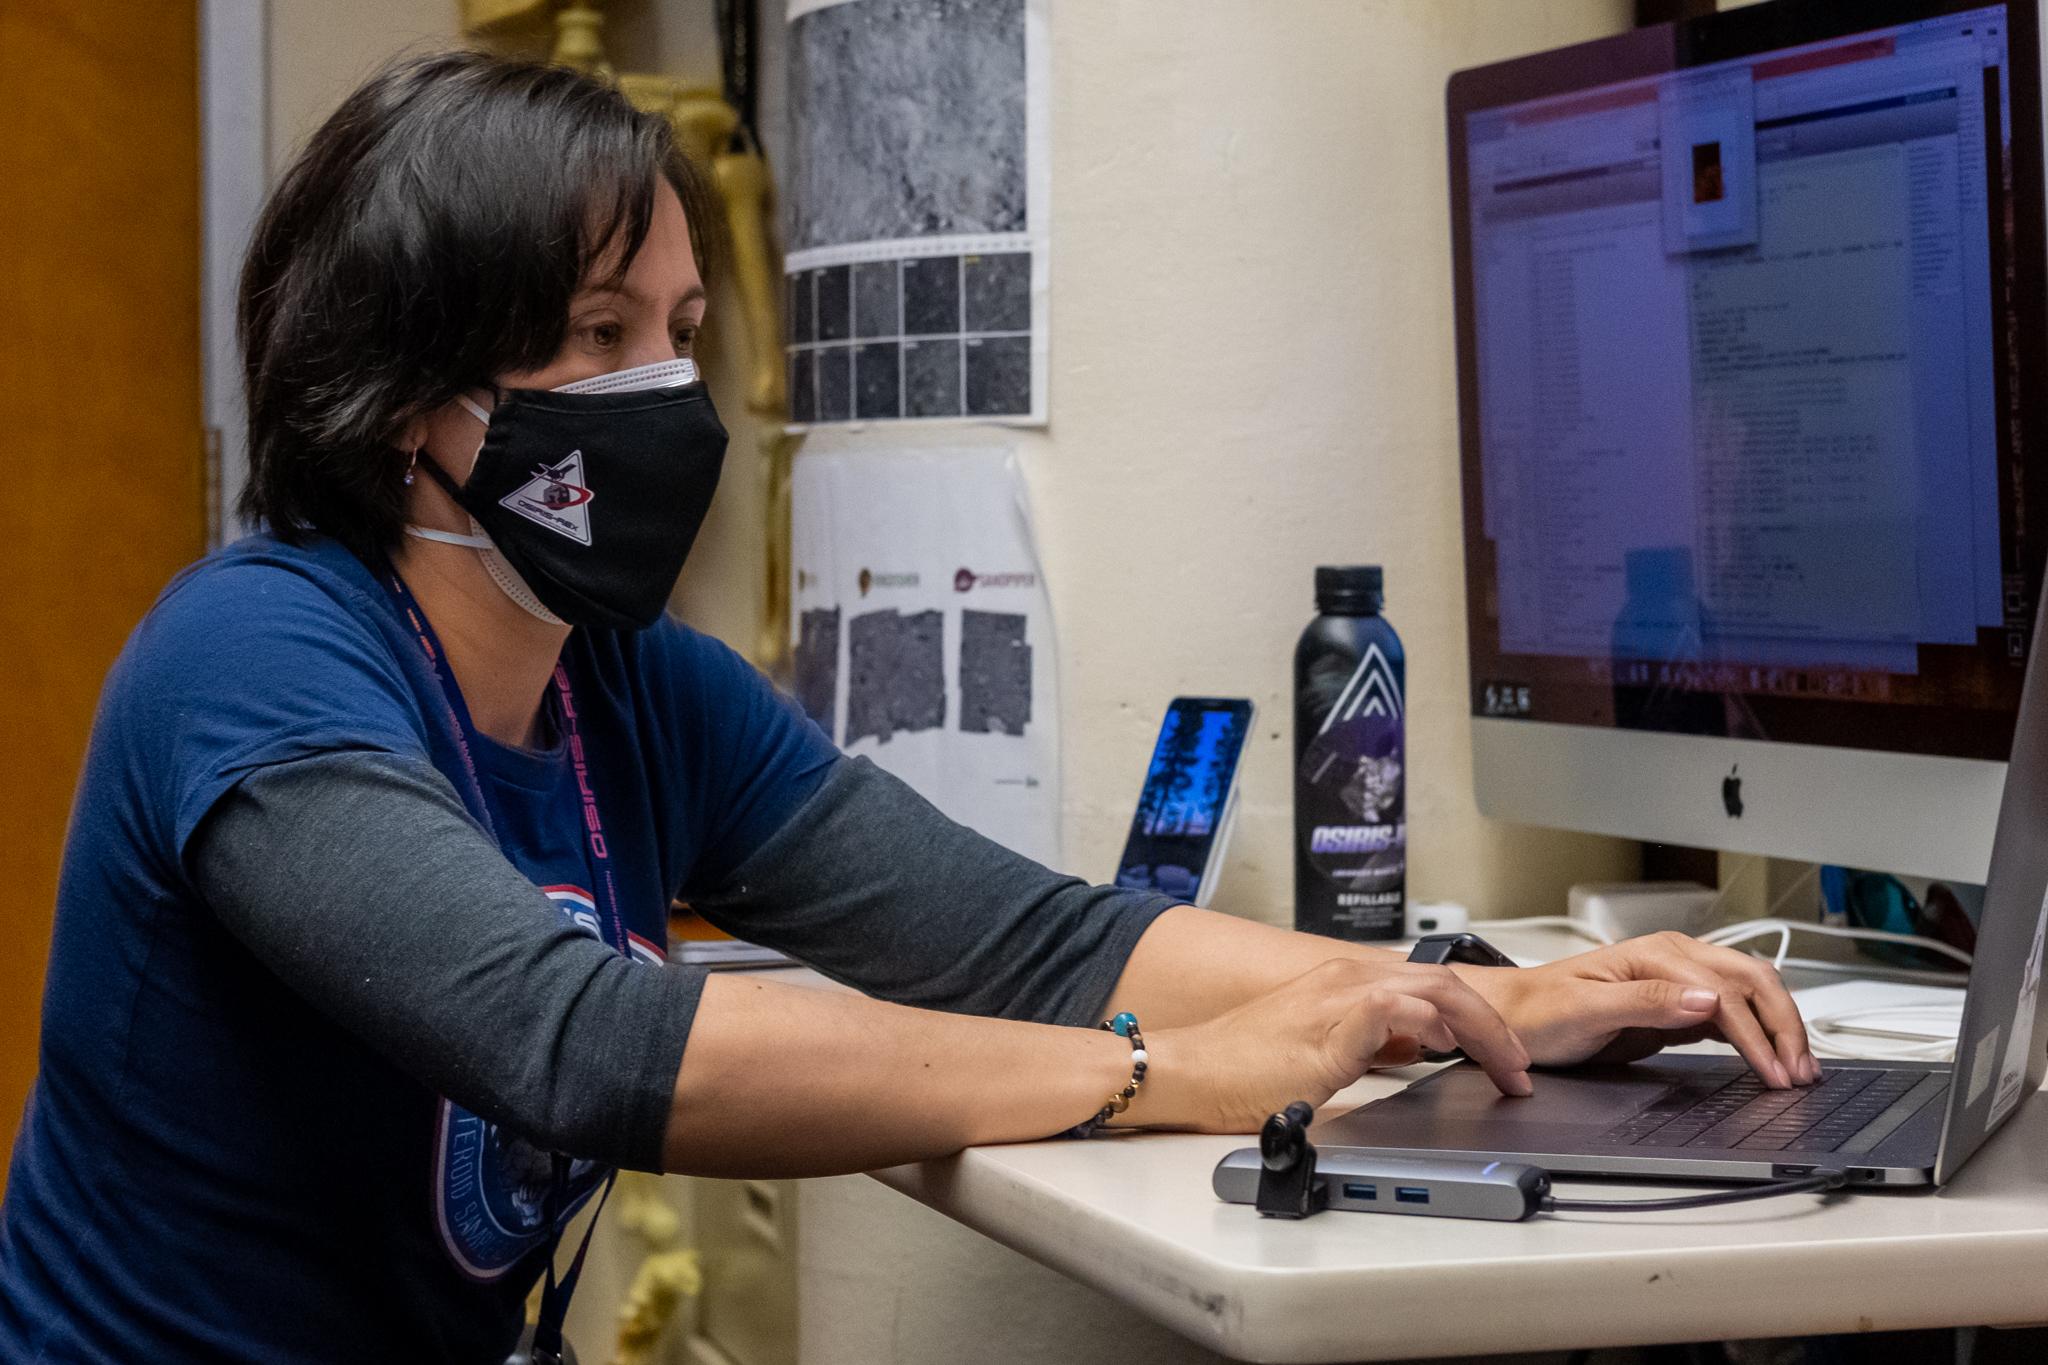 Leilah McCarthy, Flight Navigator de la société d'ingénierie KinetX, a traité les images de navigation pour aider OSIRIS-REx de la NASA à terminer son dernier survol de Bennu.